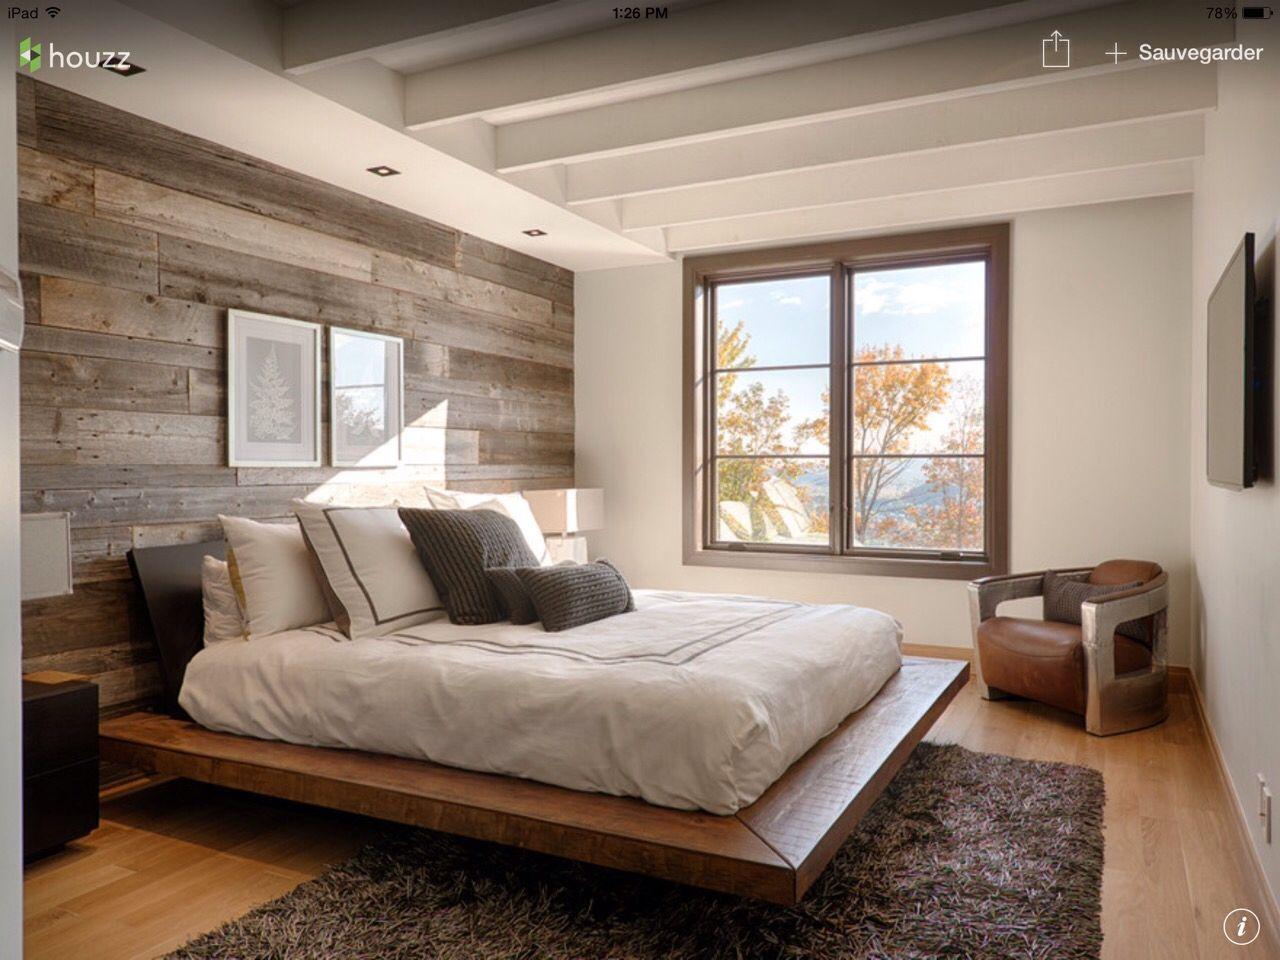 Les 25 meilleures id es de la cat gorie mur de bois sur for Agencement chambre a coucher